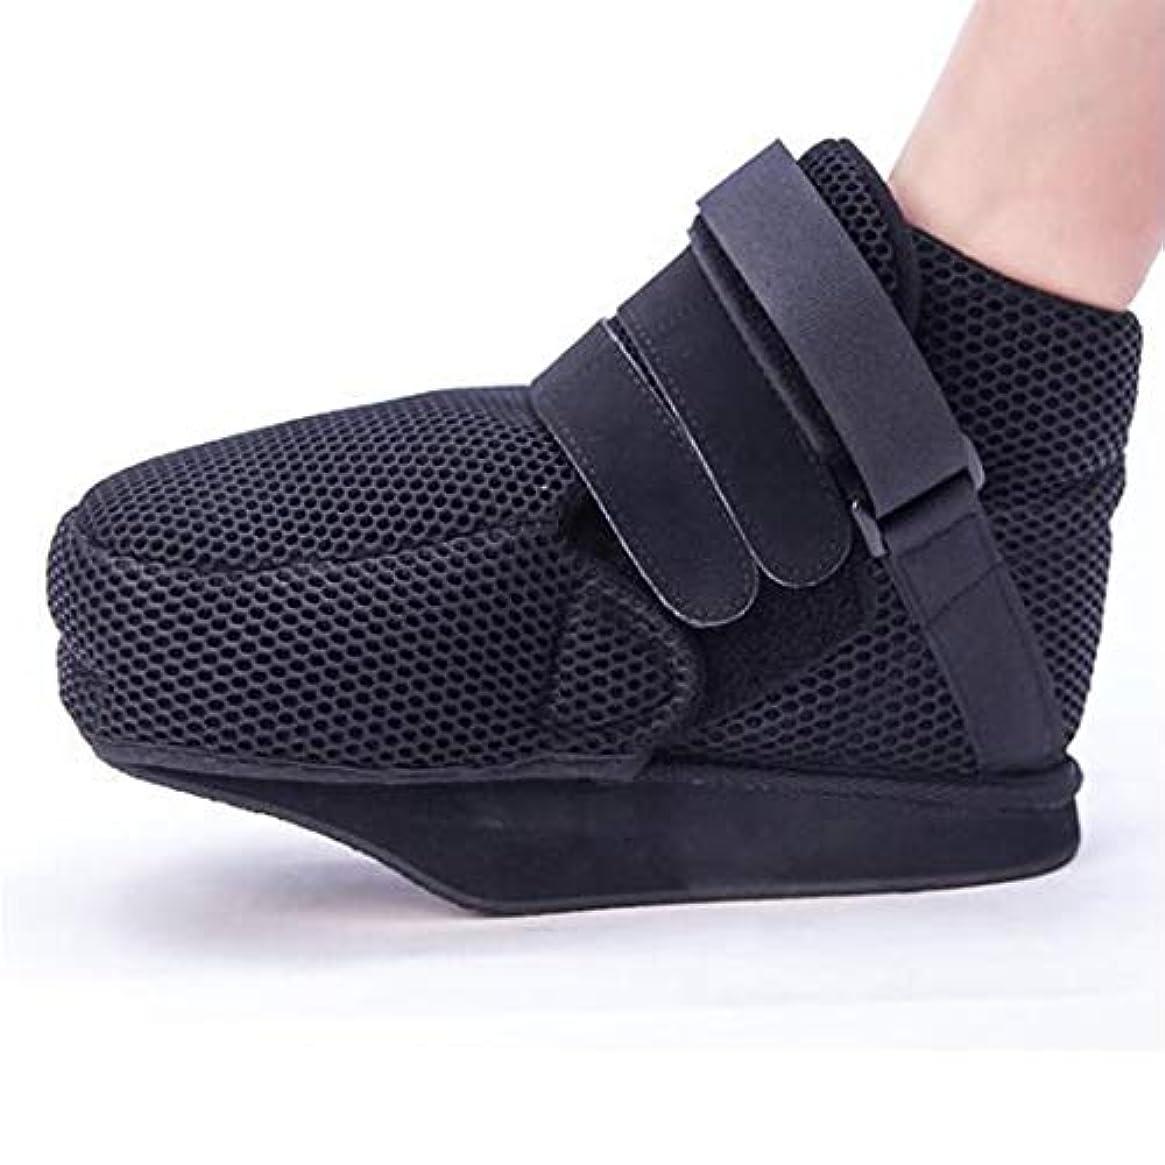 成果スカウト小康医療足骨折石膏の回復靴の手術後のつま先の靴を安定化骨折の靴を調整可能なファスナーで完全なカバー,S24cm